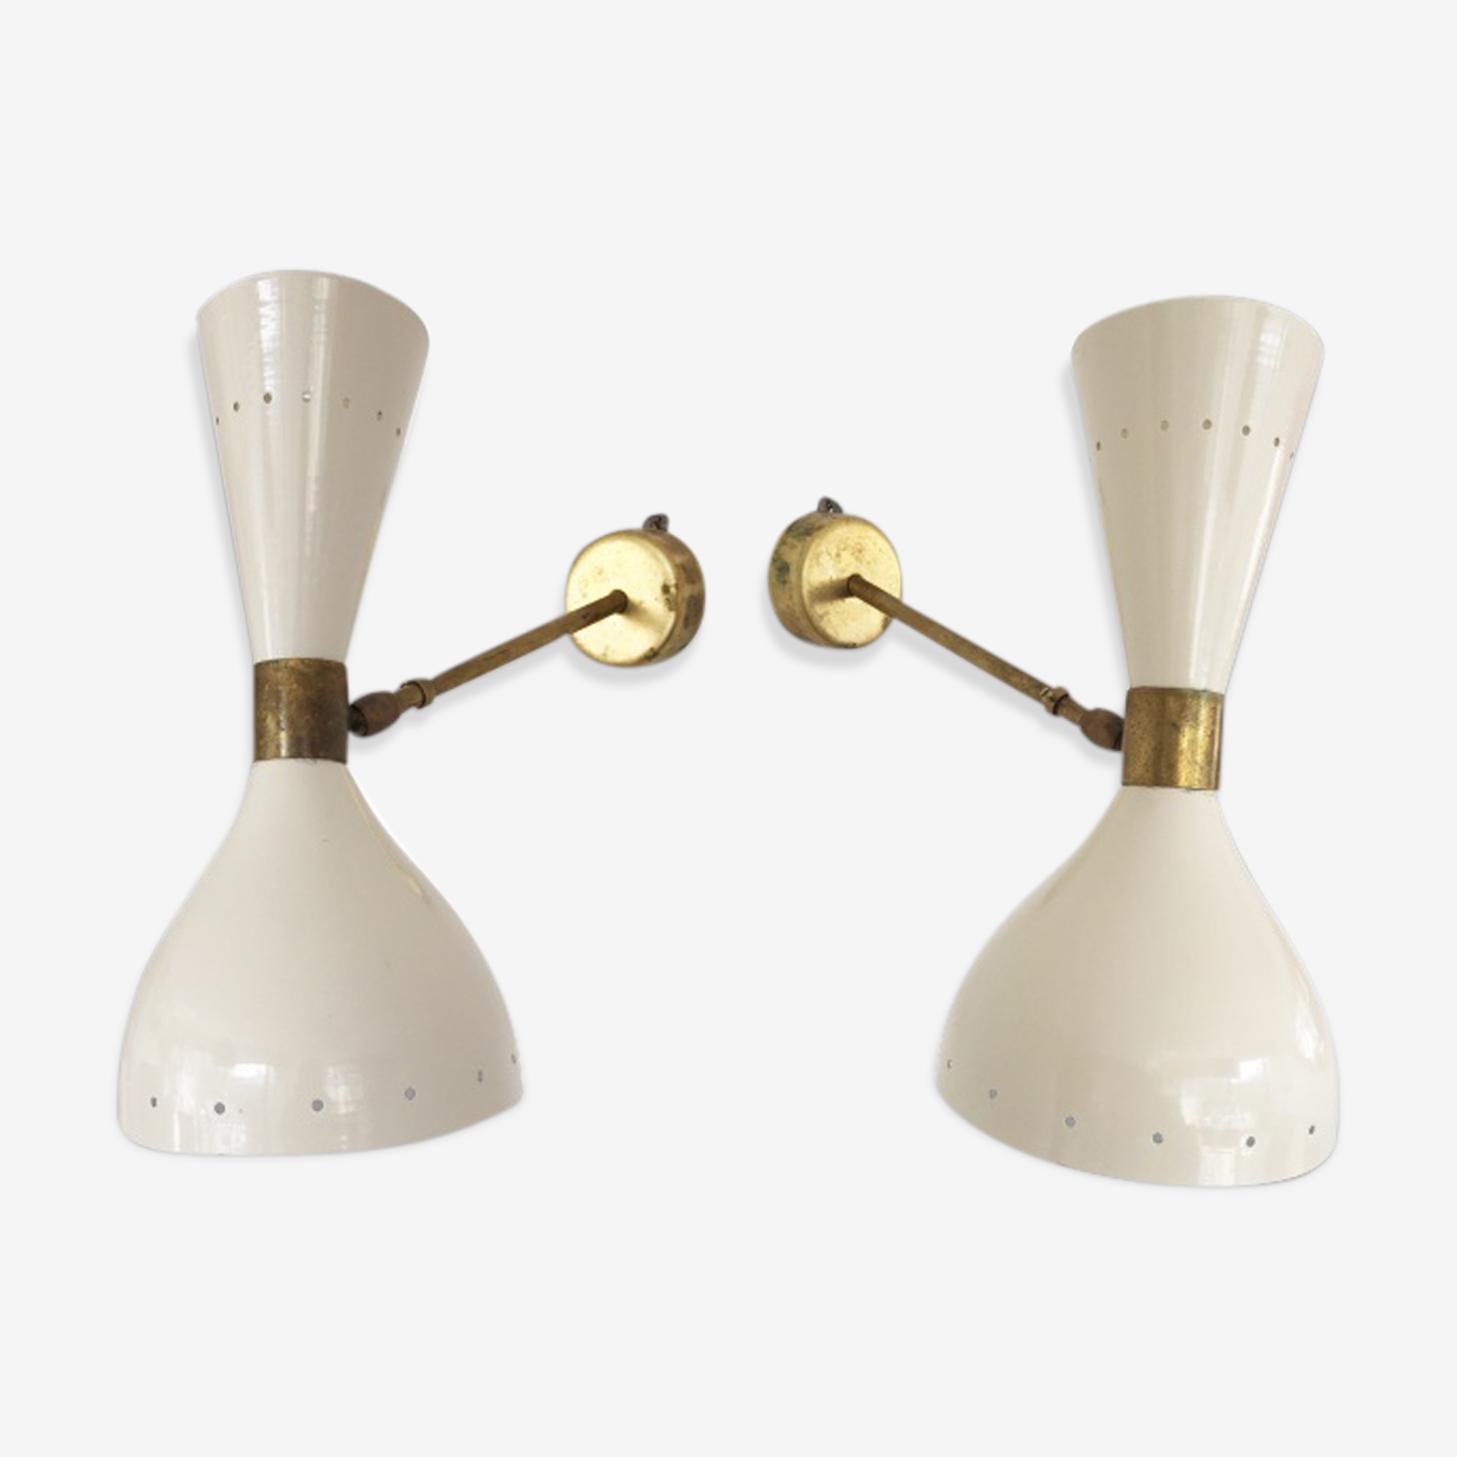 Paire d'appliques dans le style des créations italiennes des années 50